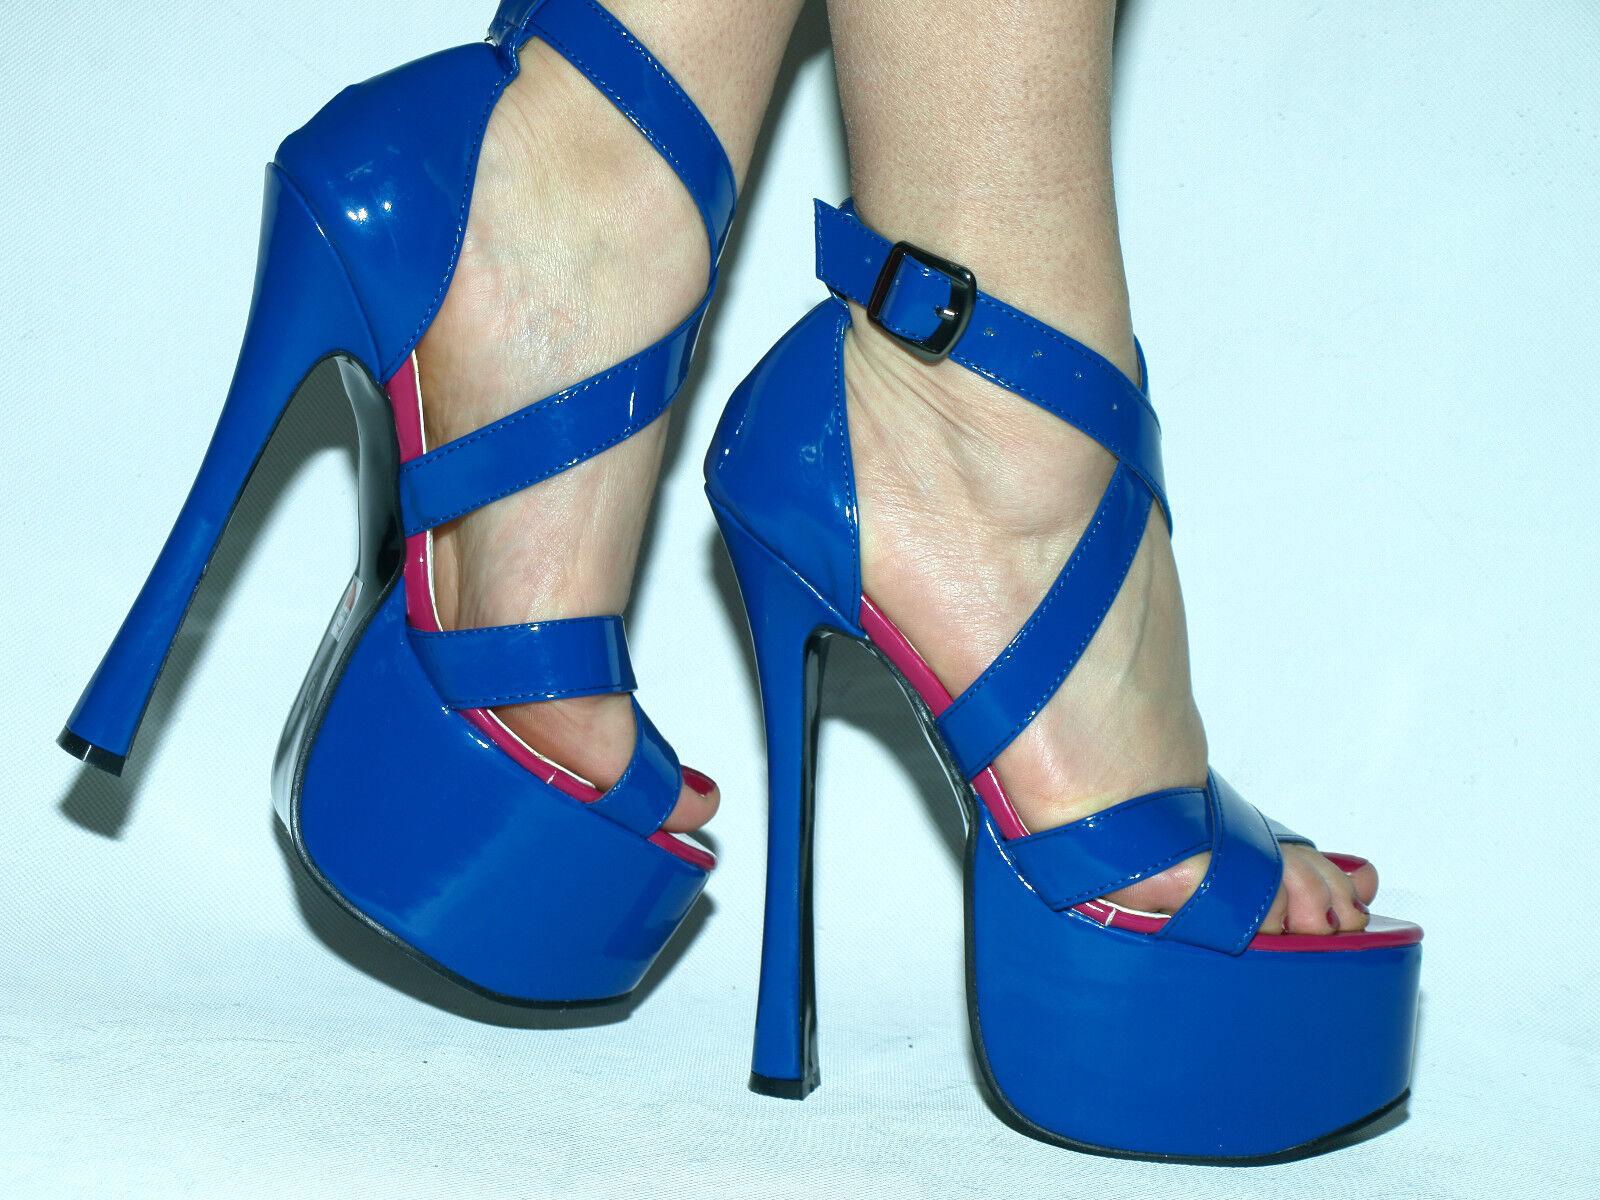 Sandaletten Lack heels 20cm 37 38 39 40 41 42 43 44 45 46 47 Bolingier Poland